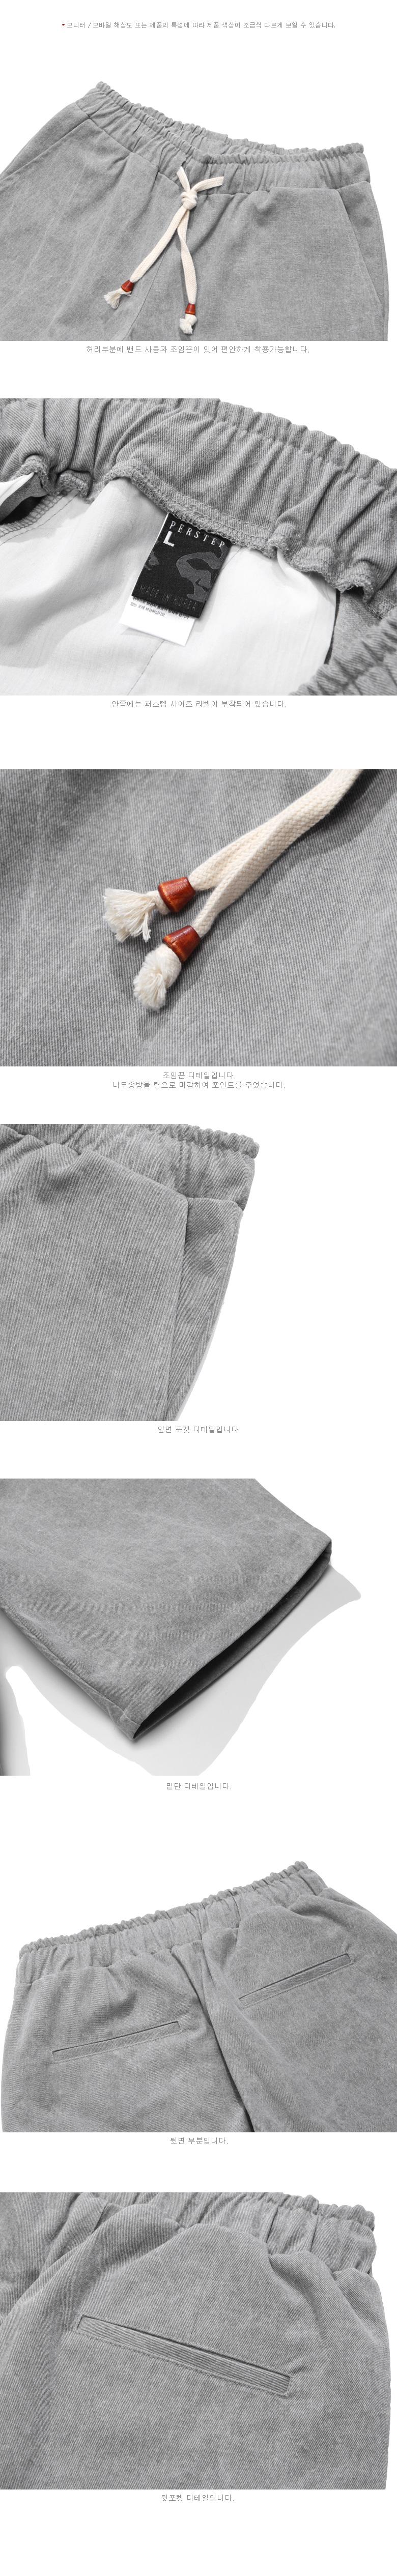 4252_detail_gray_uk_02.jpg